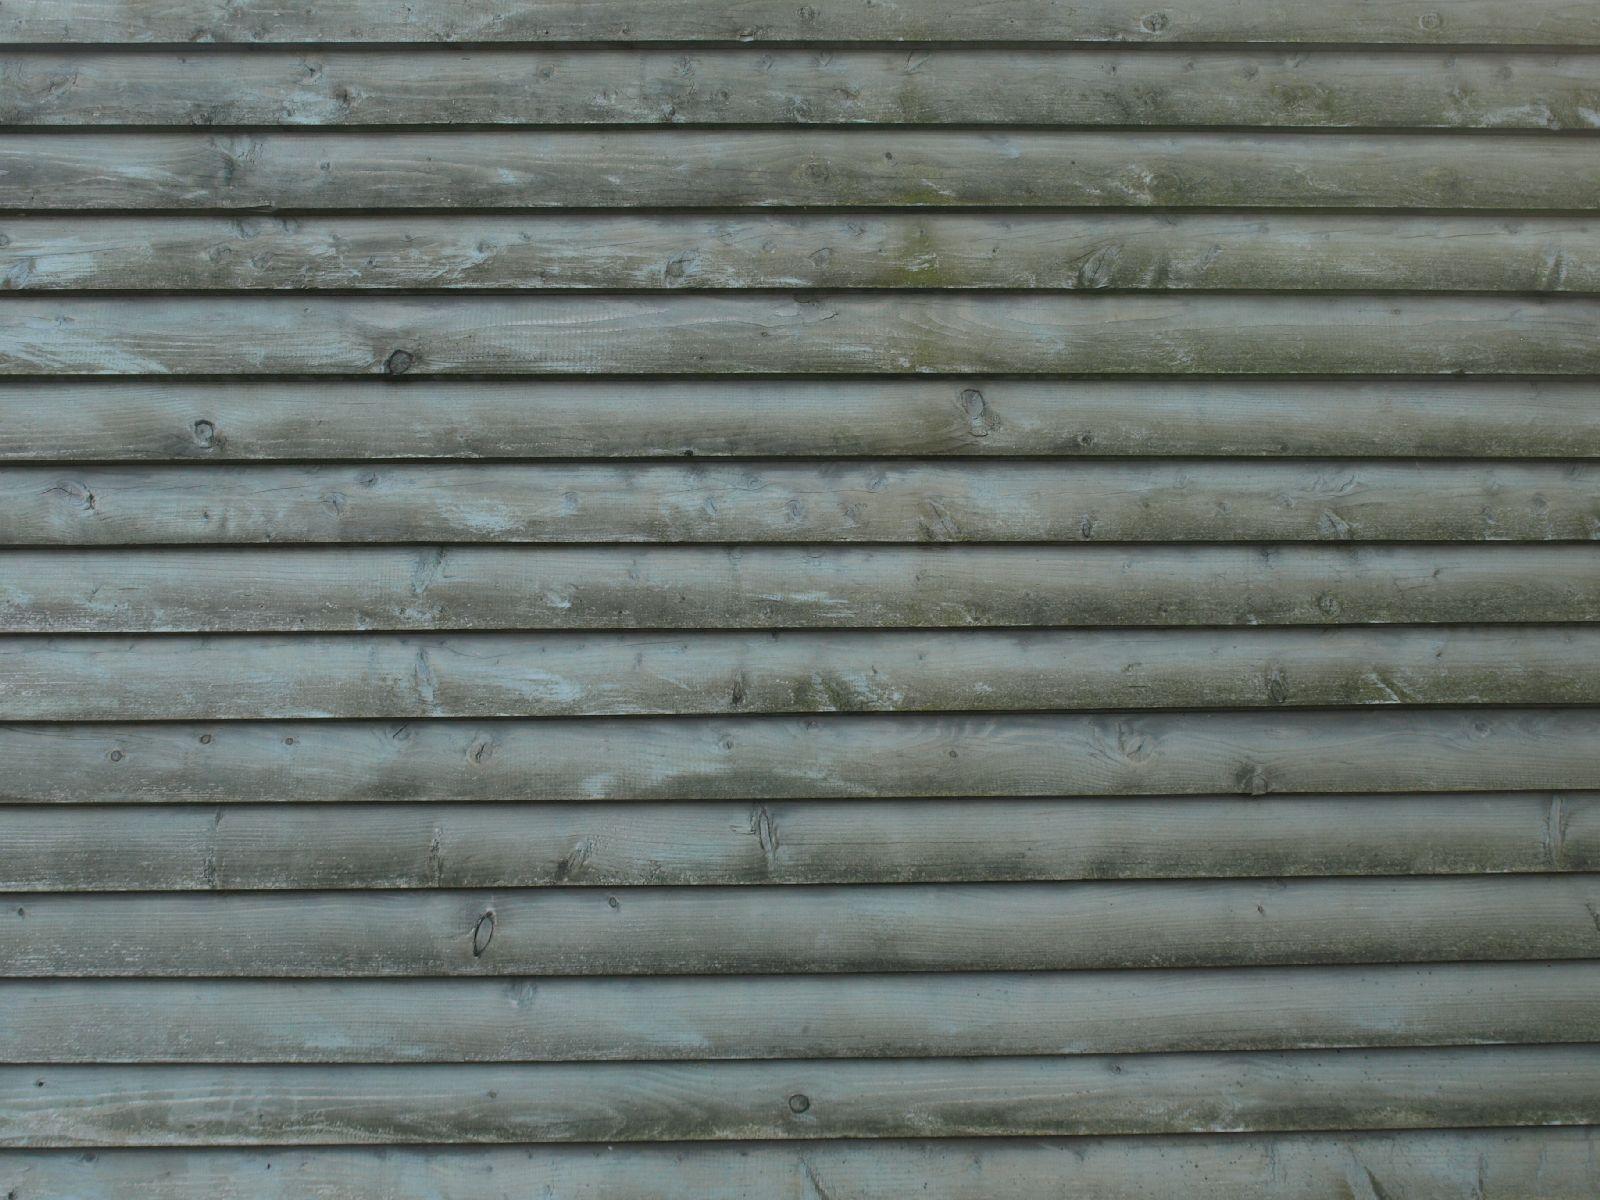 Holz_Textur_A_P9209739